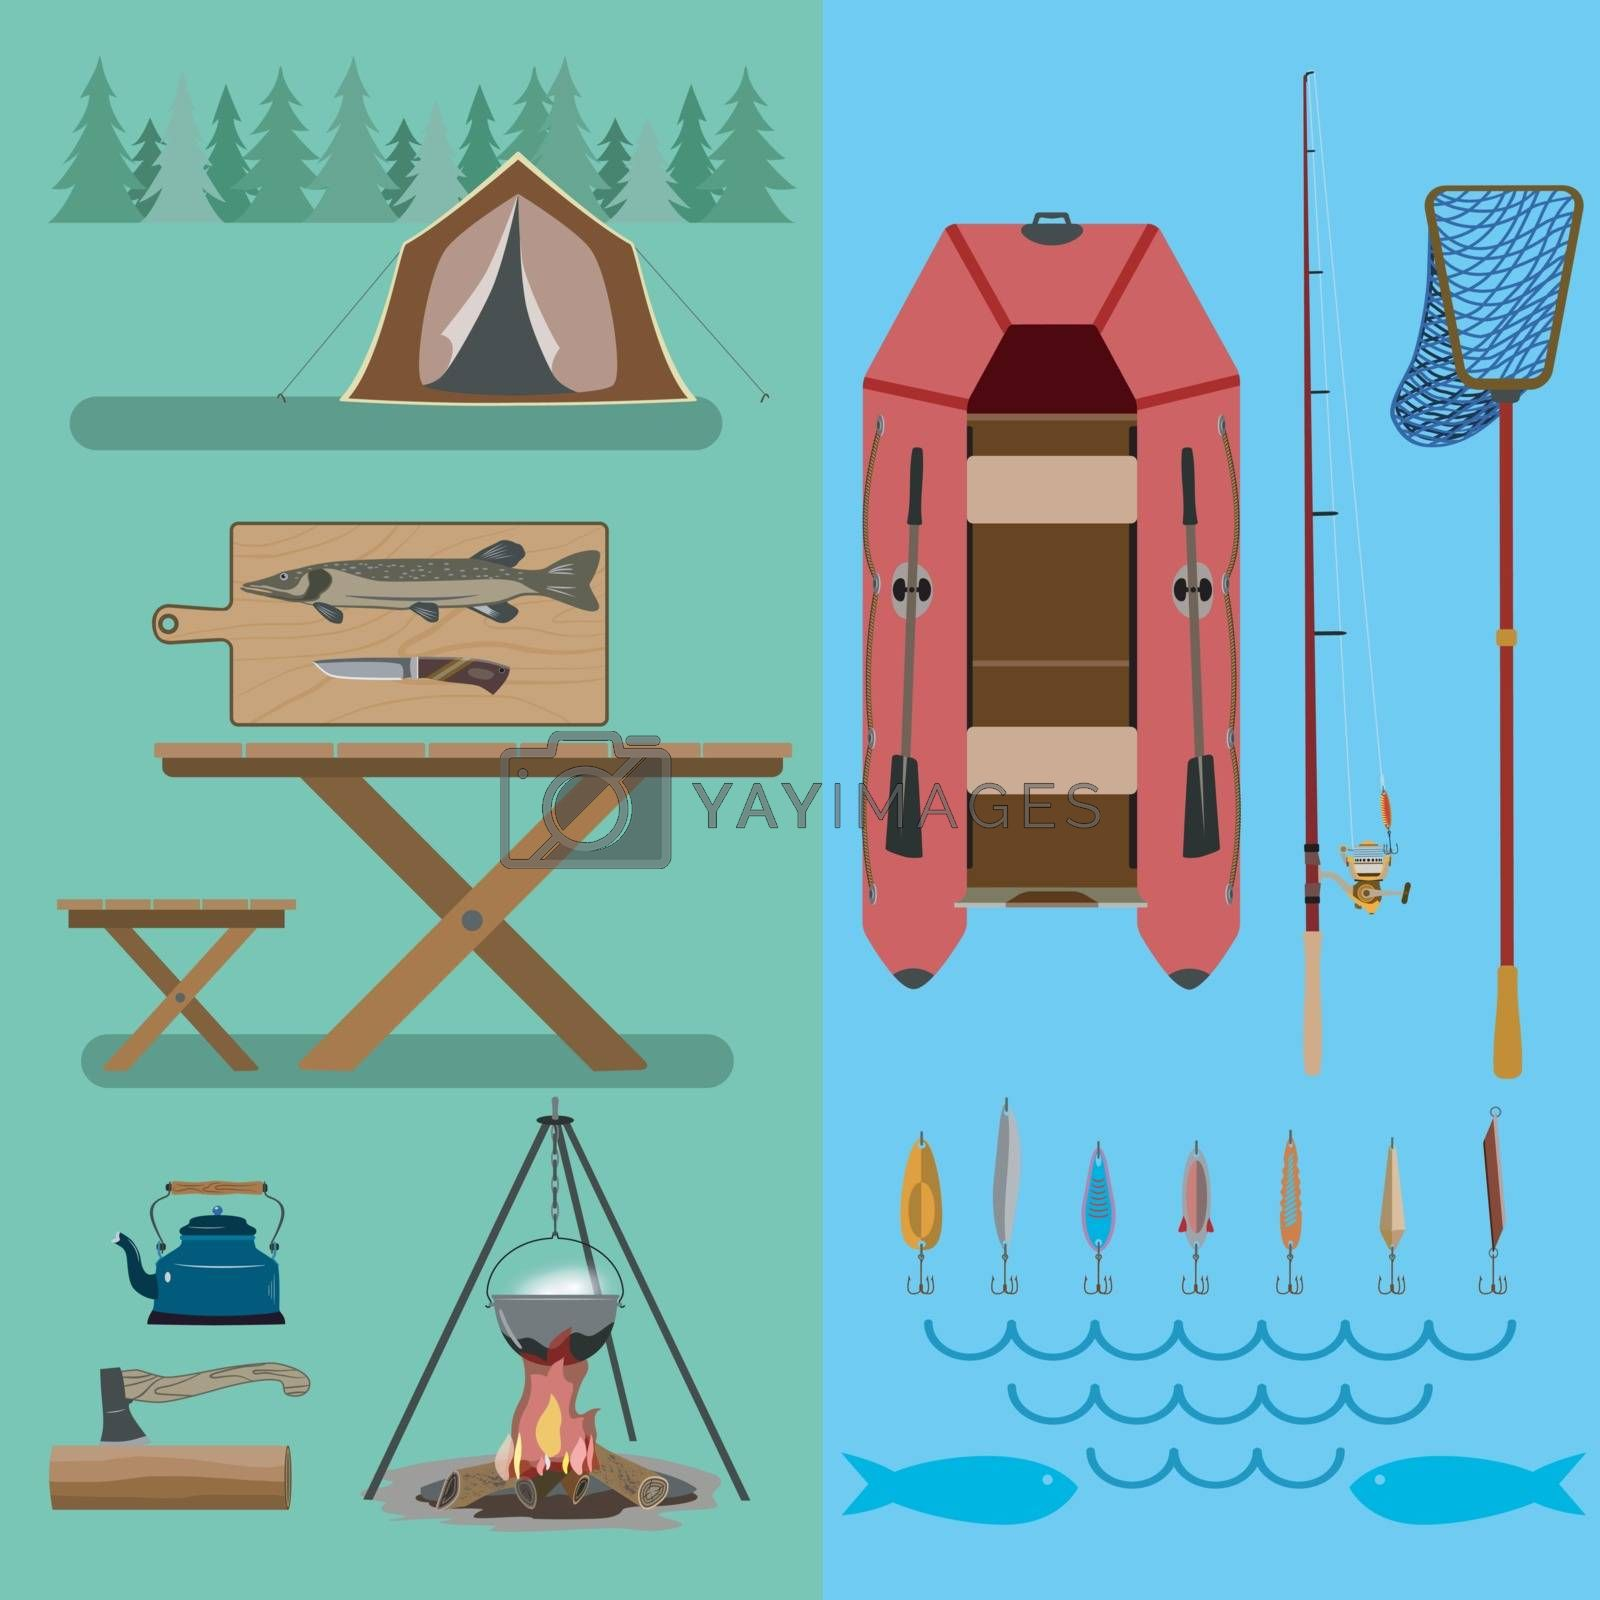 <font><font>        Набор аксессуаров с лодкой для путешествий по лесу и рекам. </font><font>Для активных и любящих природу людей. </font><font>Плоский рисунок.</font></font>